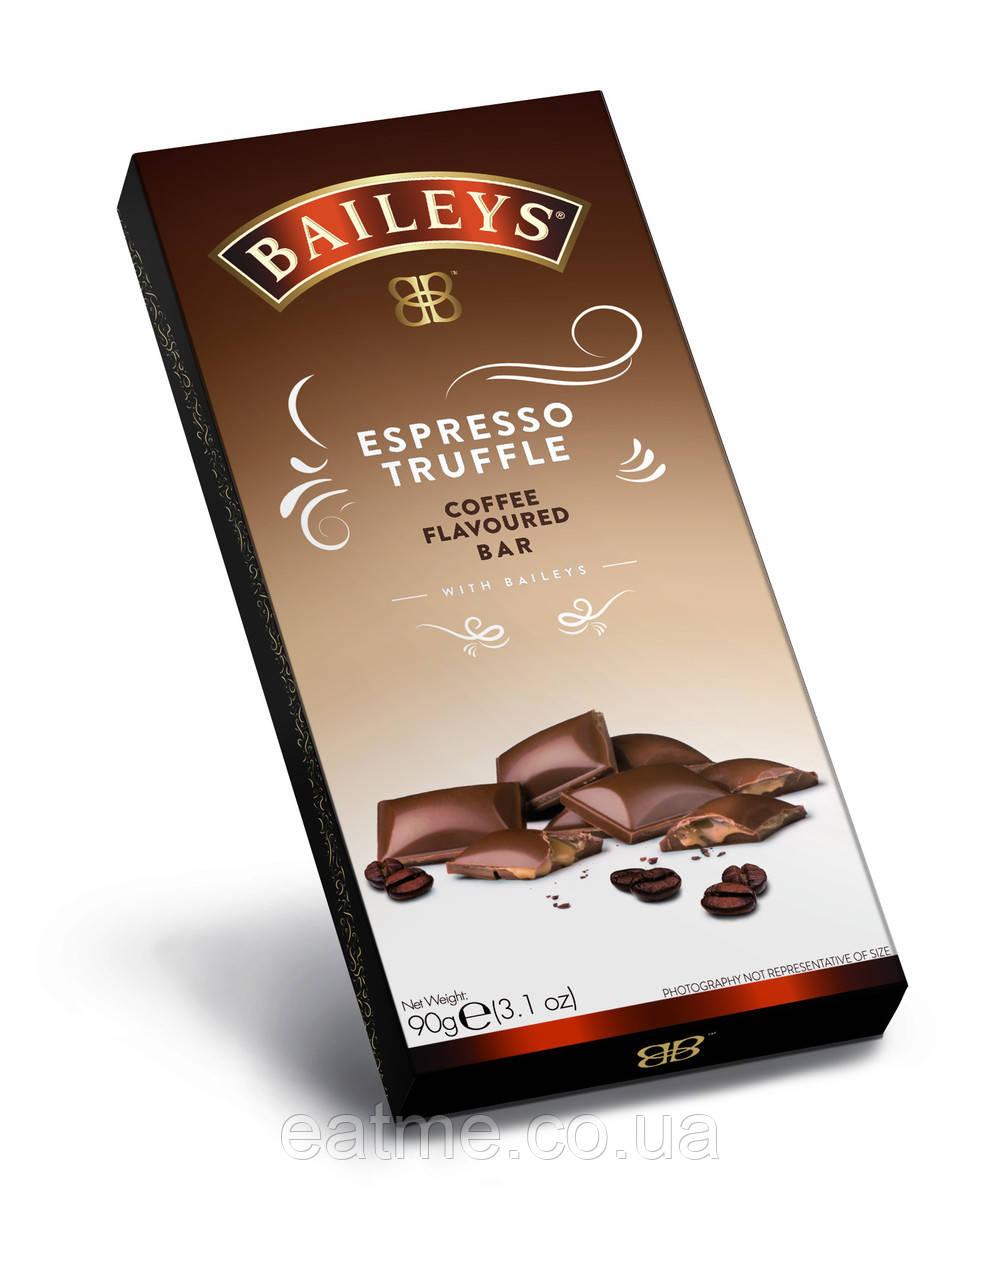 Молочный шоколад с кофейной начинкой и ликером Baileys